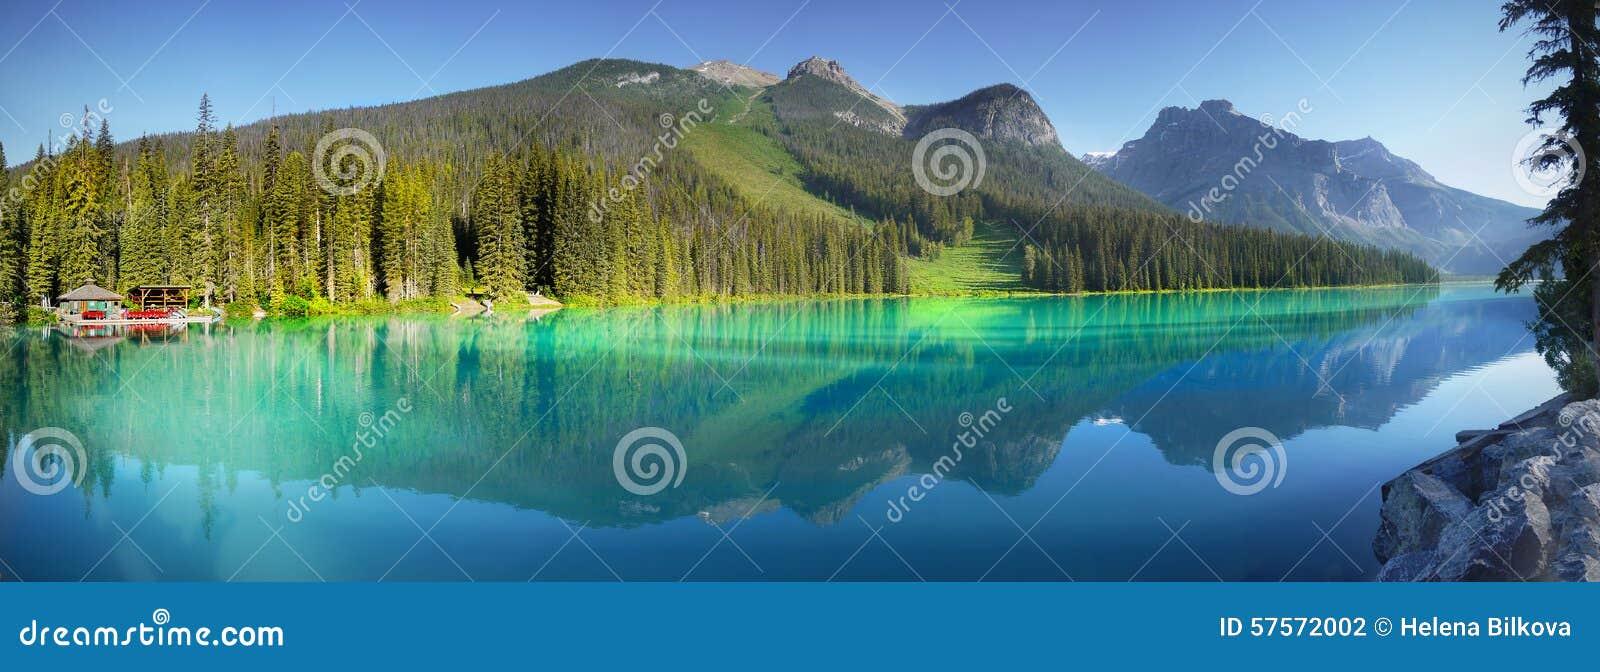 加拿大鲜绿色湖国家公园yoho